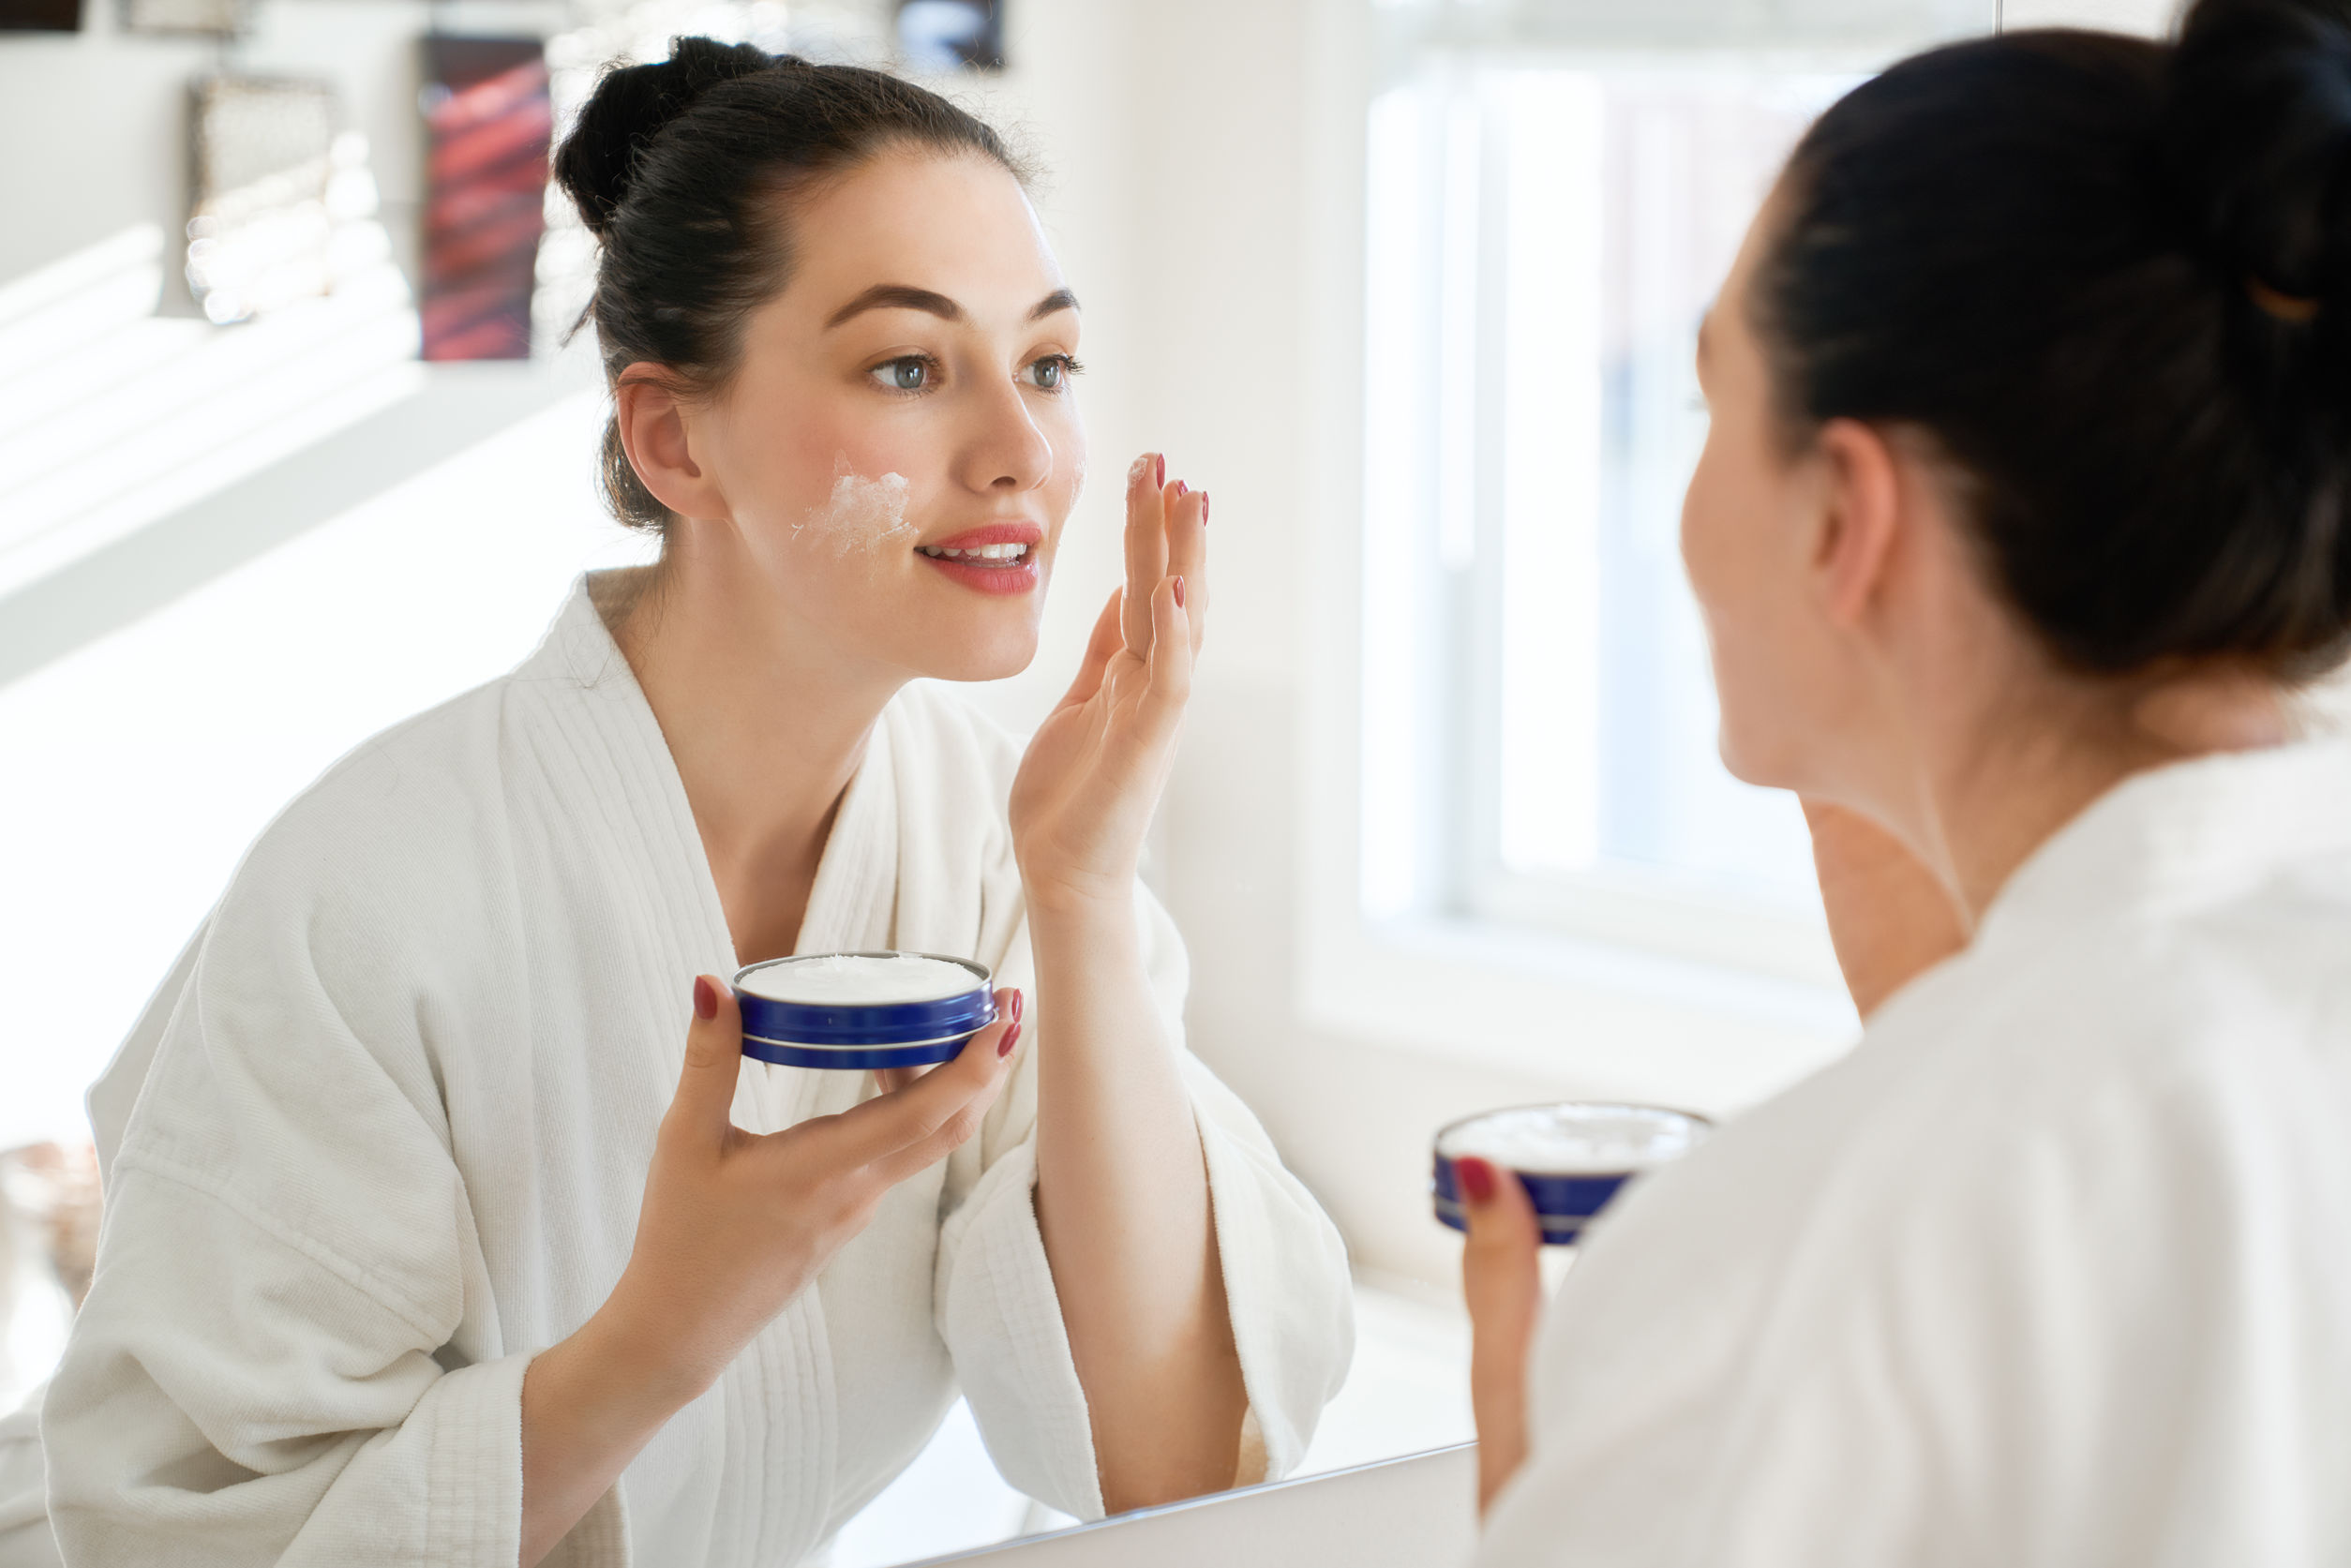 Mulher com toalha de banho na cabeça passando creme no rosto.